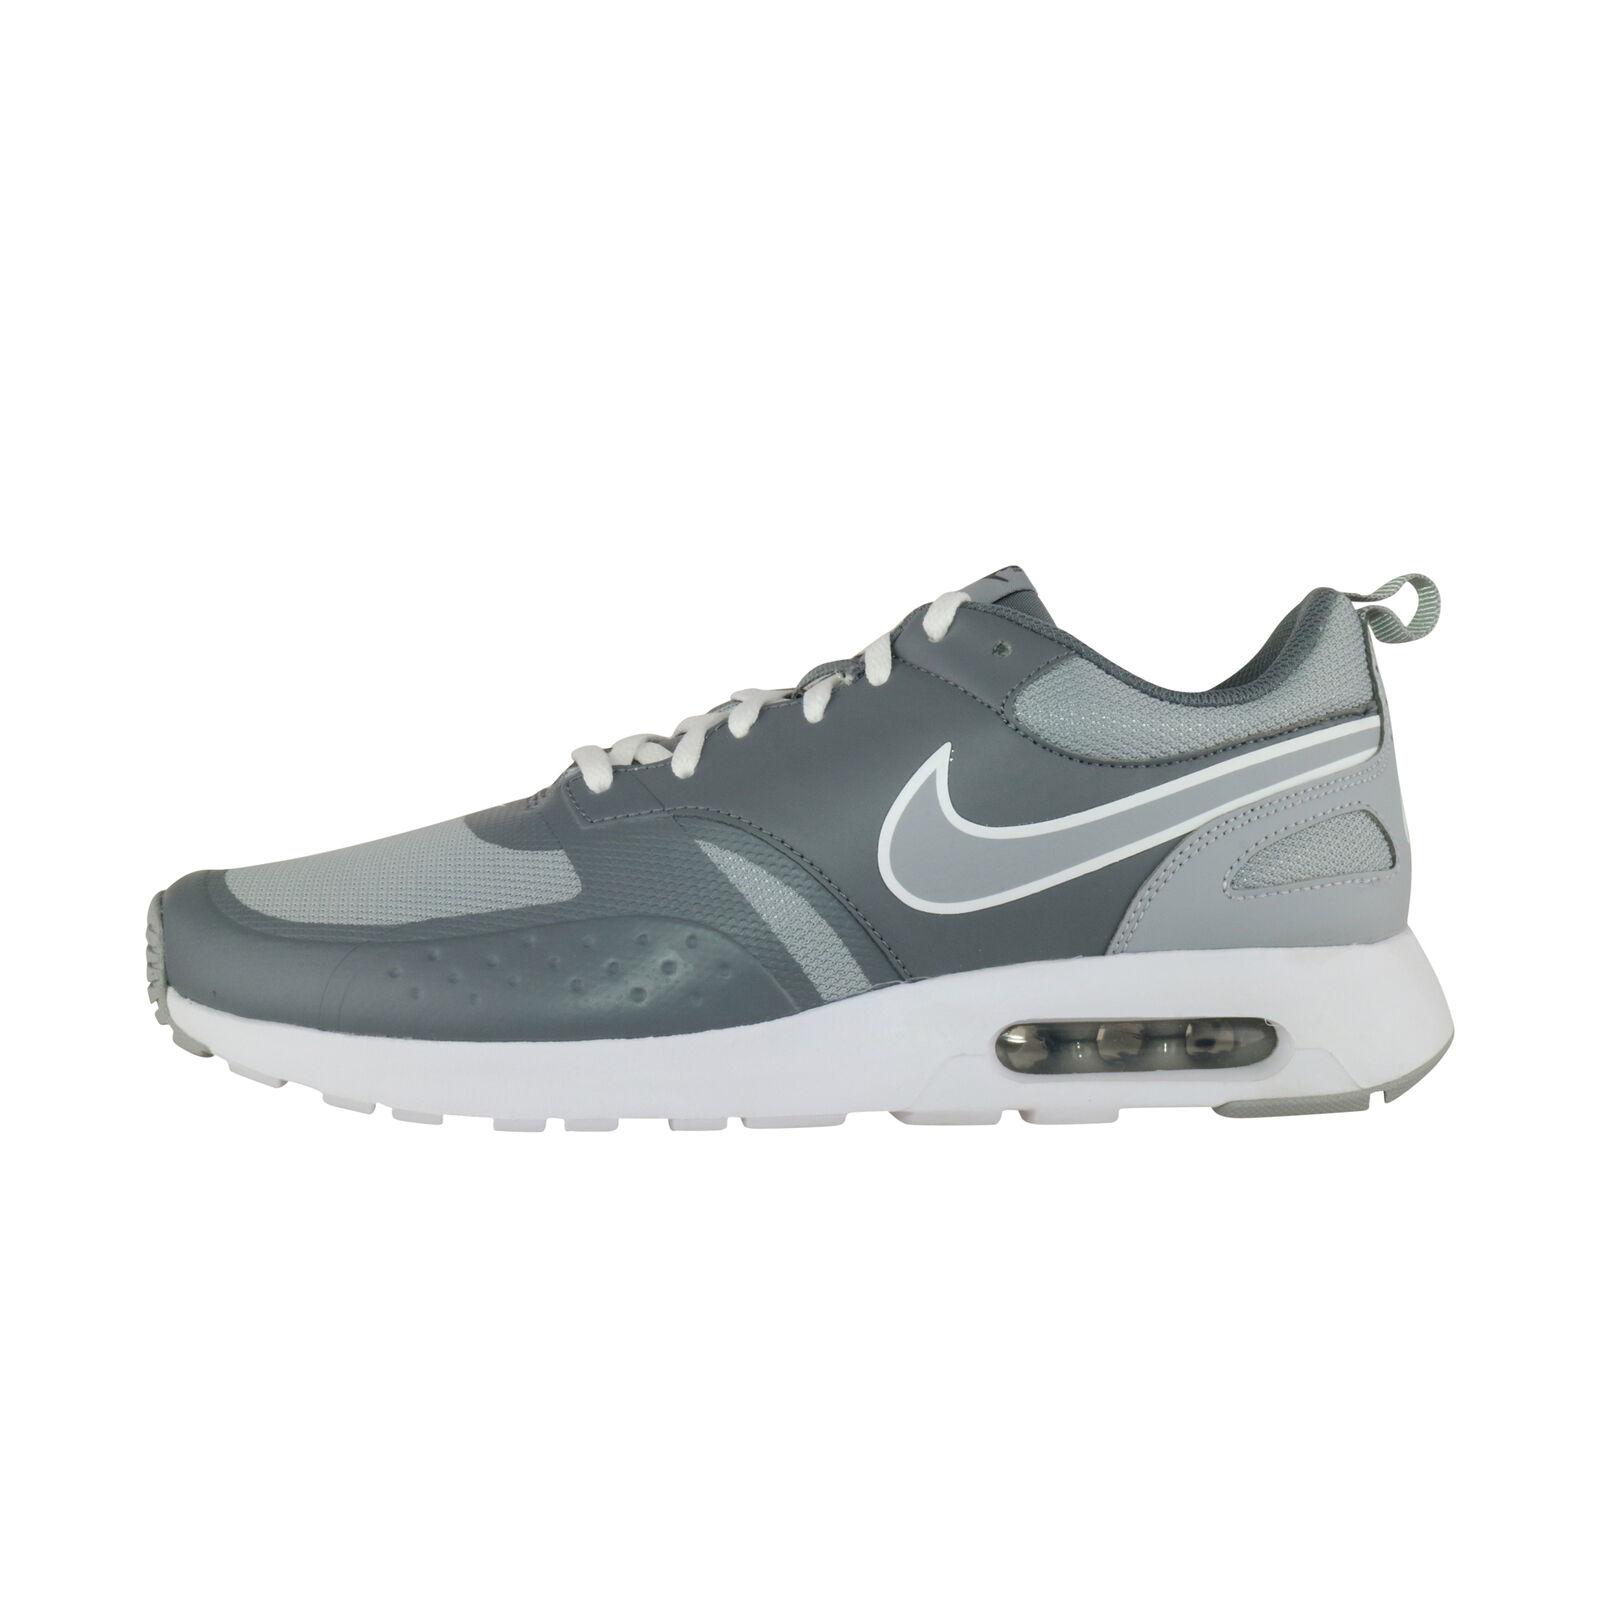 Nike Air Max Vision grau weiß 918230-011